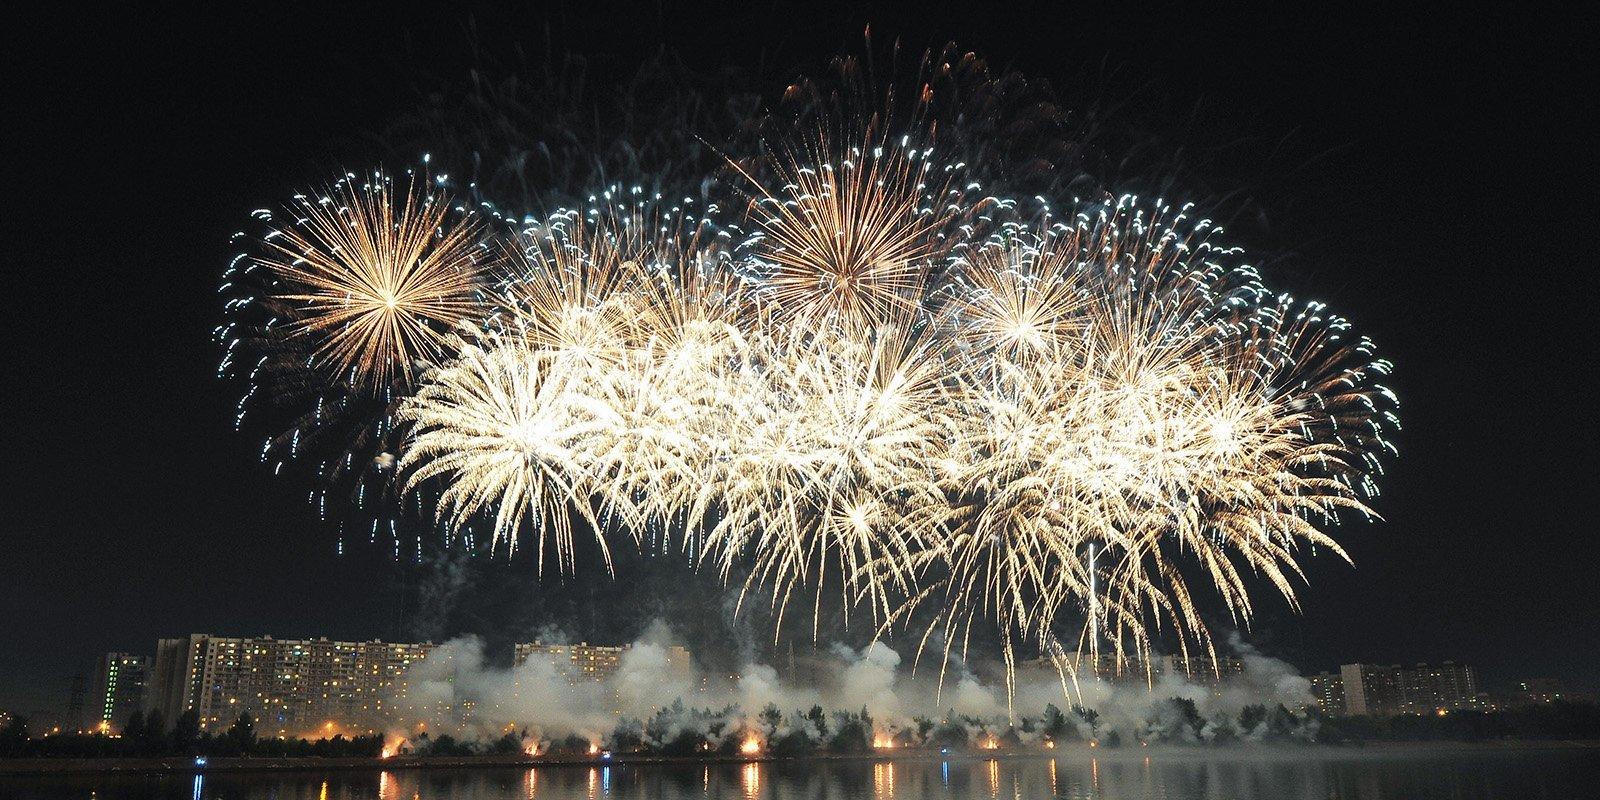 День города: где жители Новой Москвы отпразднуют памятную дату столицы. Фото: сайт мэра Москвы